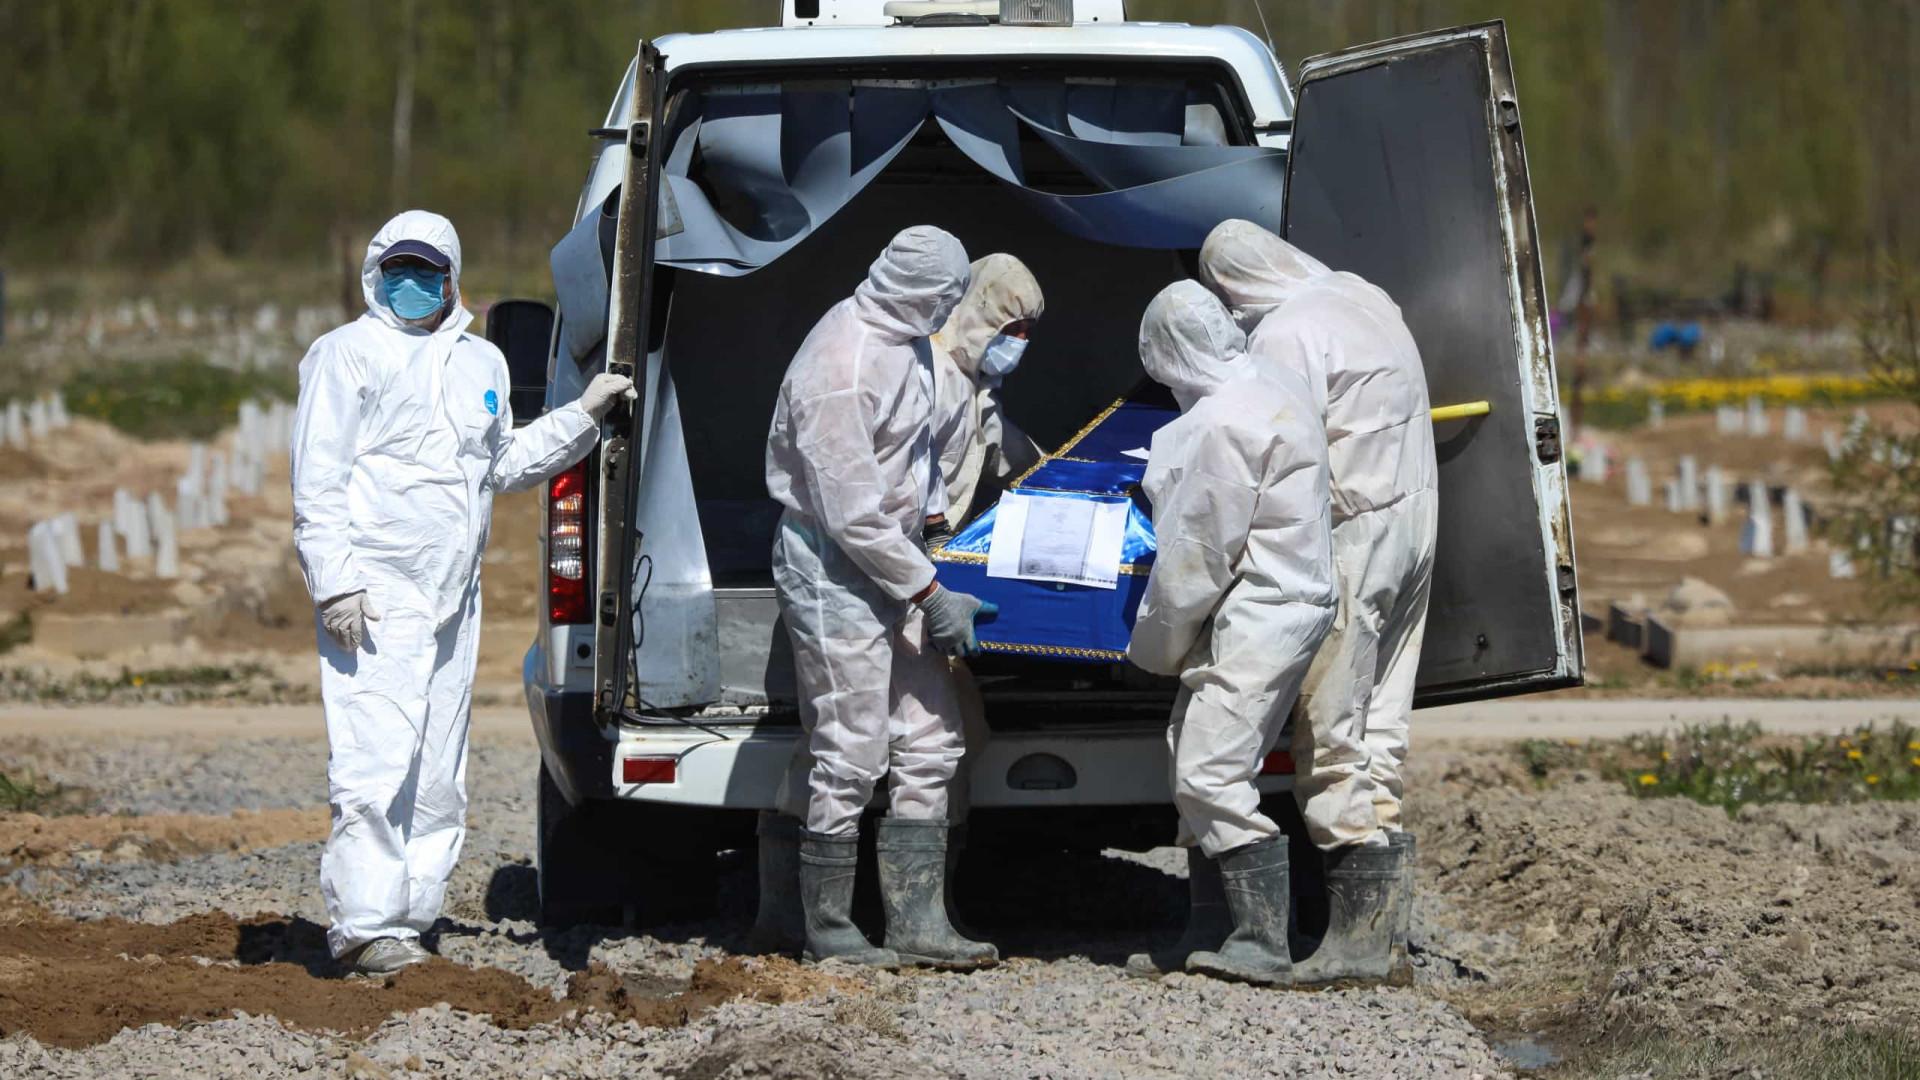 Brasil registra 34,1 mil casos de covid-19 em 24 horas